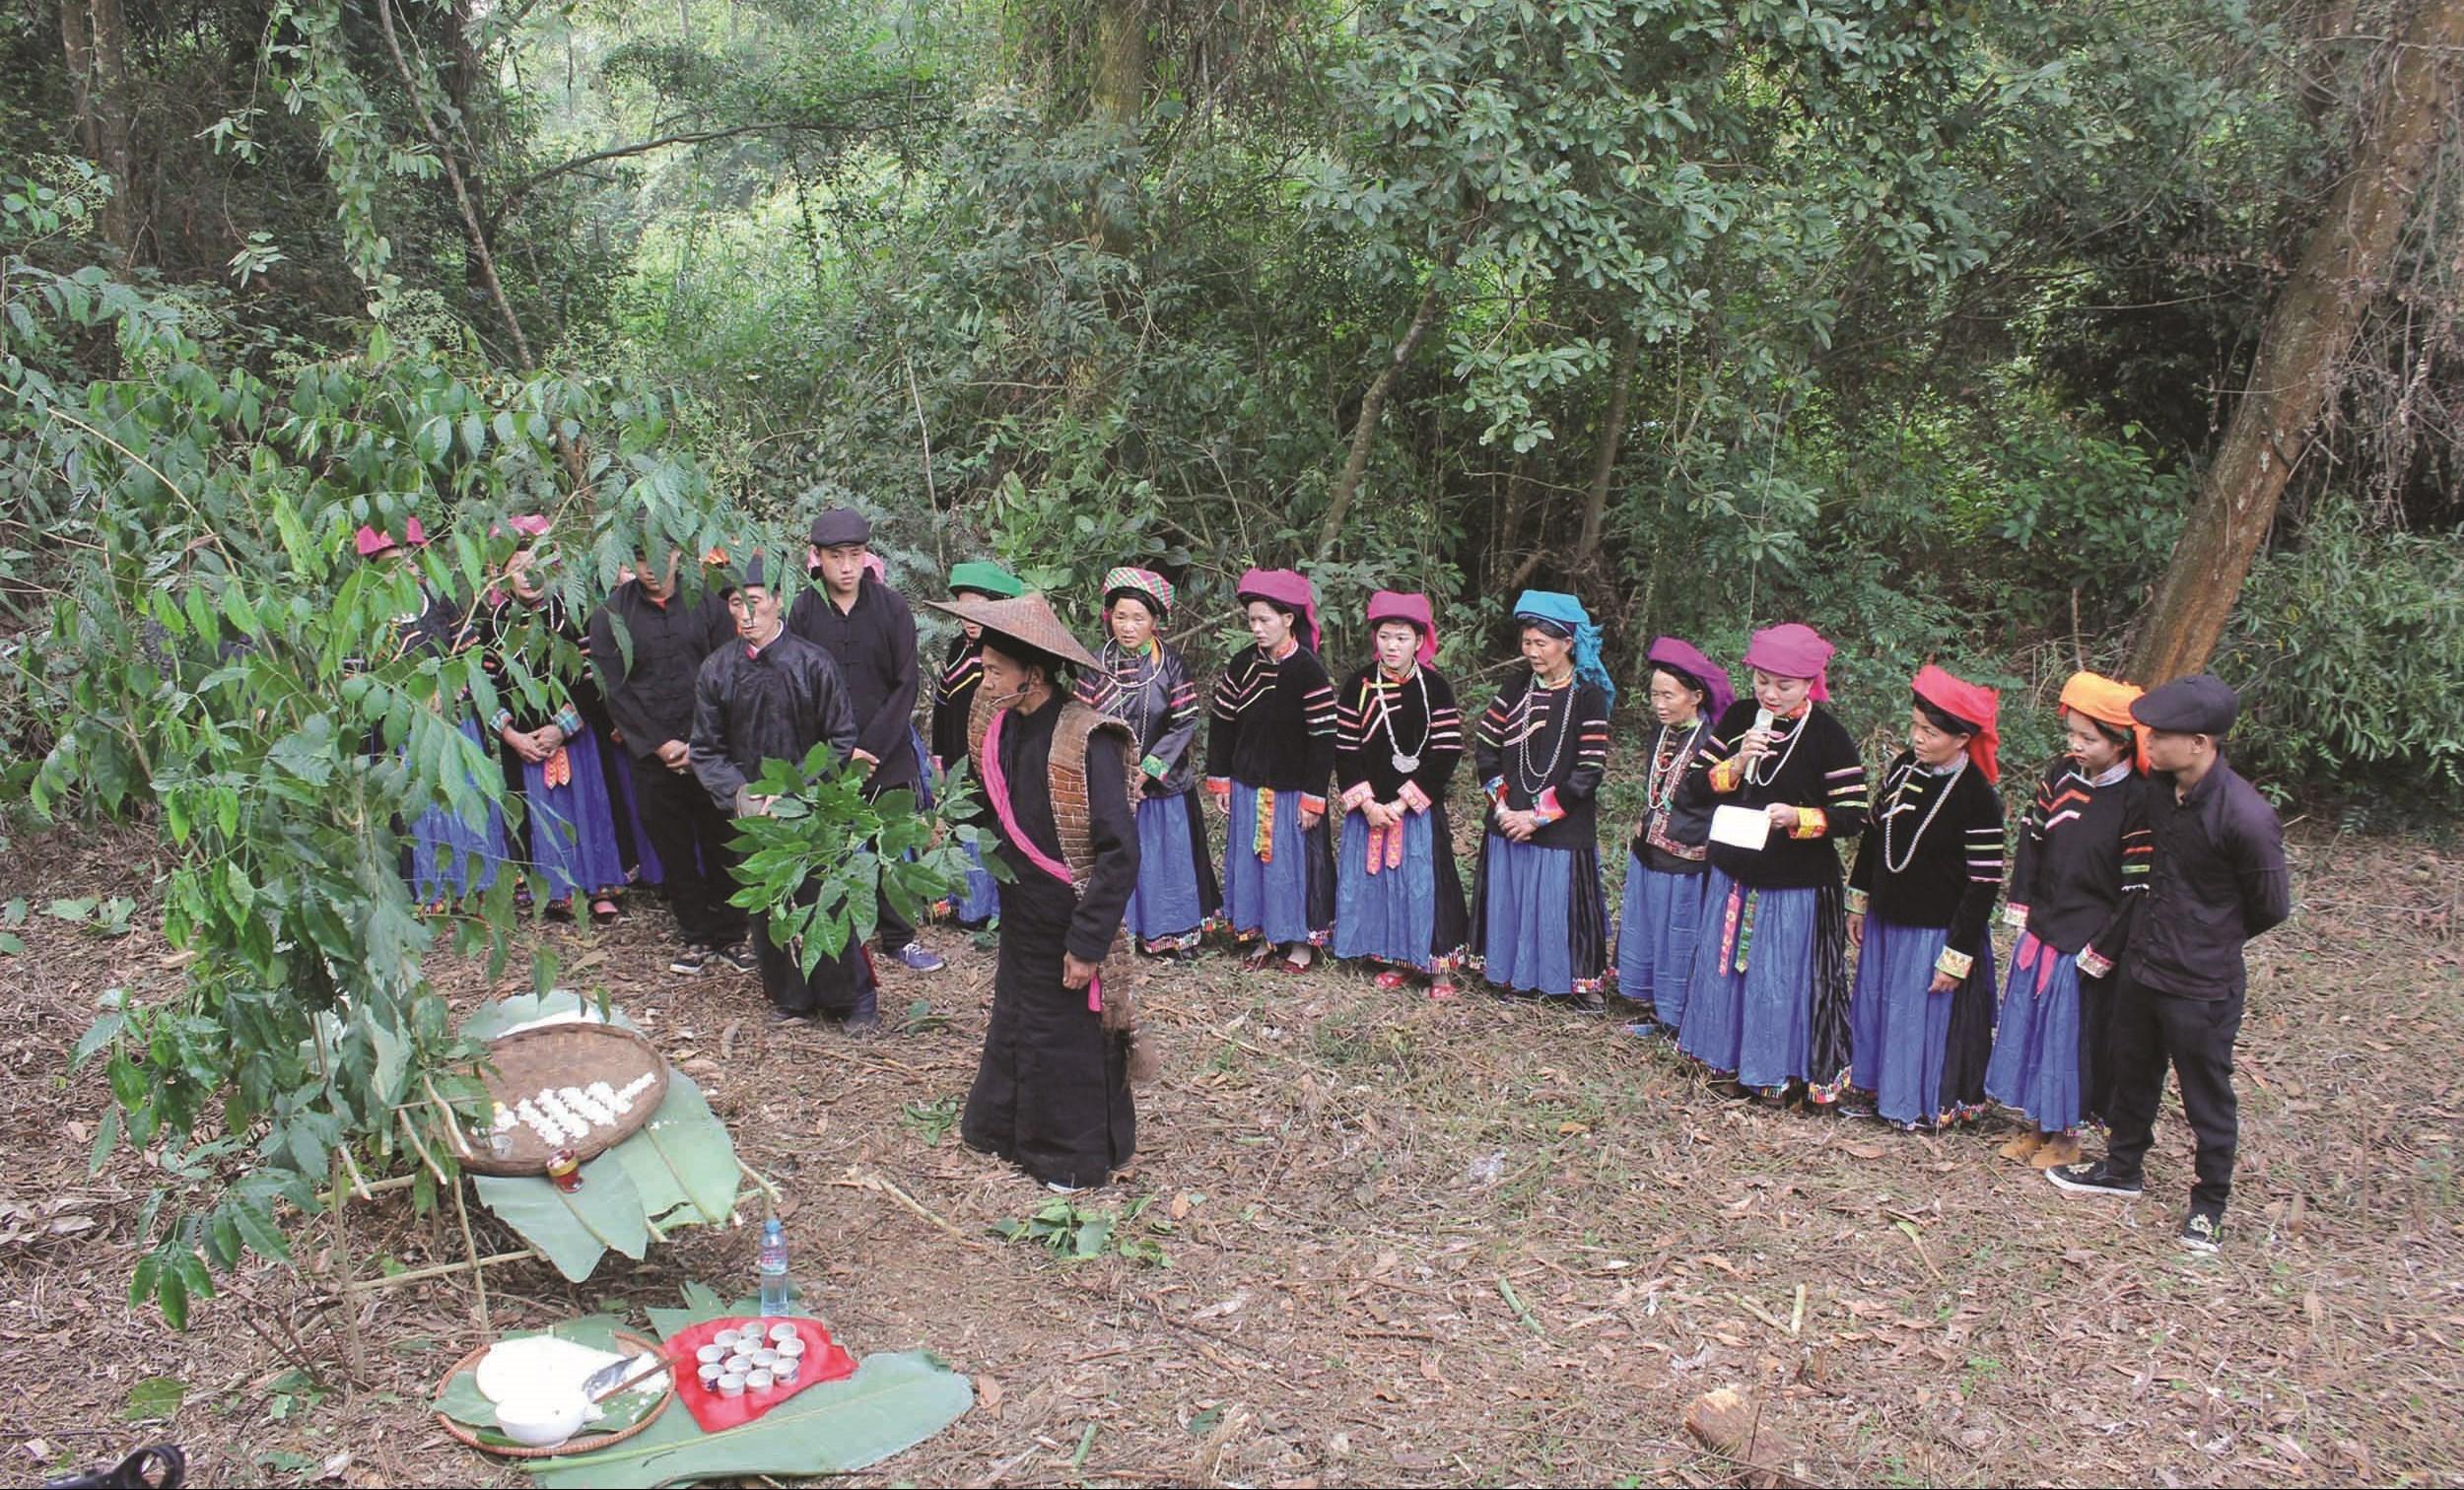 Phong tục, tập quán, tín ngưỡng của đồng bào các DTTS là nguồn đề tài phong phú cho các văn nghệ sĩ. (Trong ảnh: Lễ cúng rừng của người Pu Péo, Hà Giang)